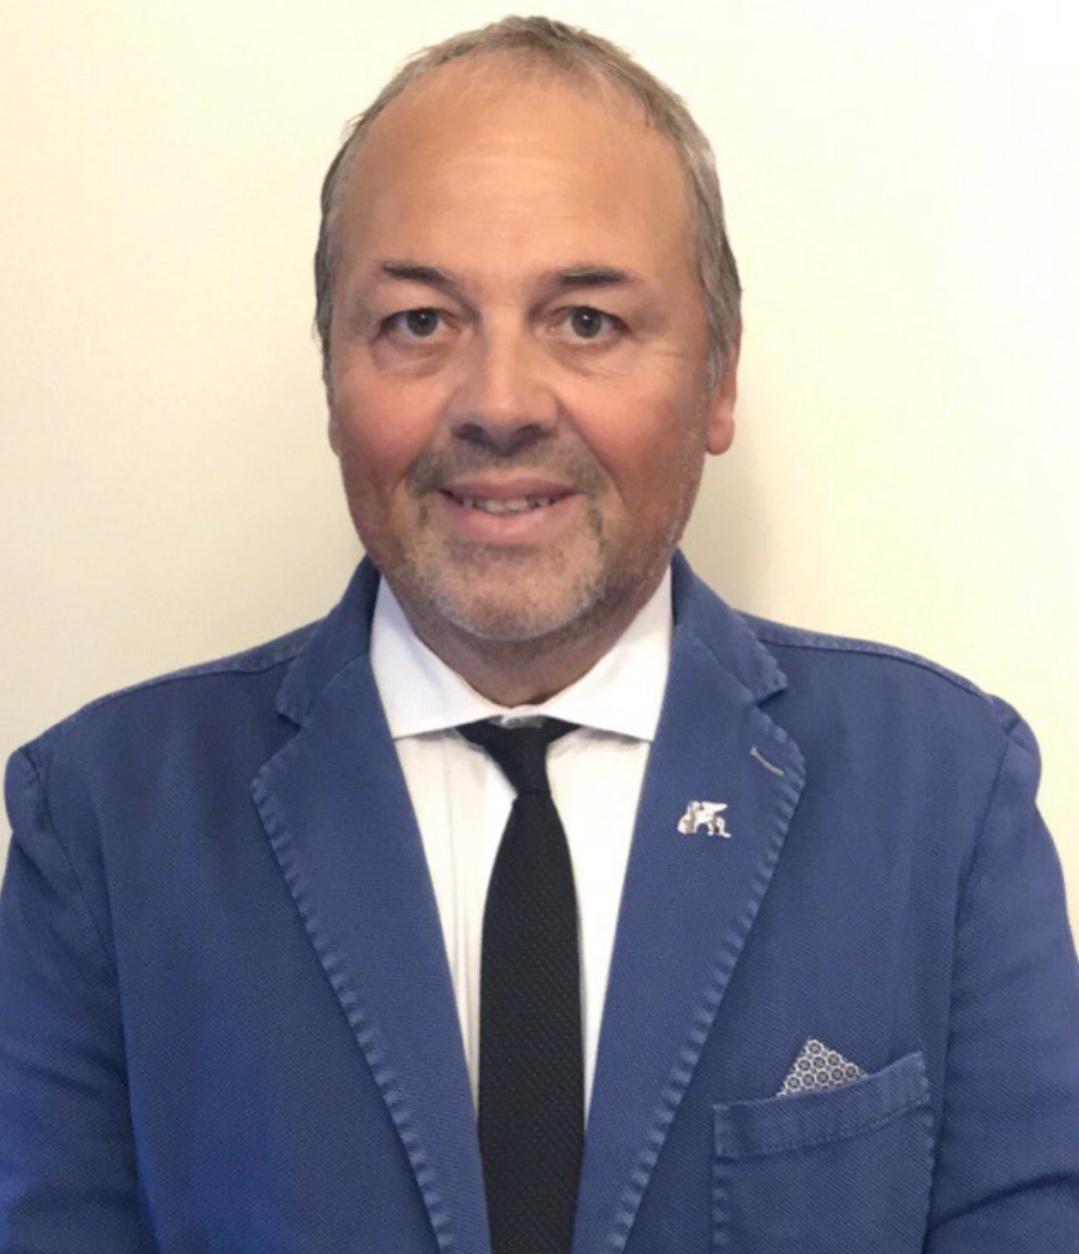 Ruggero Peretti